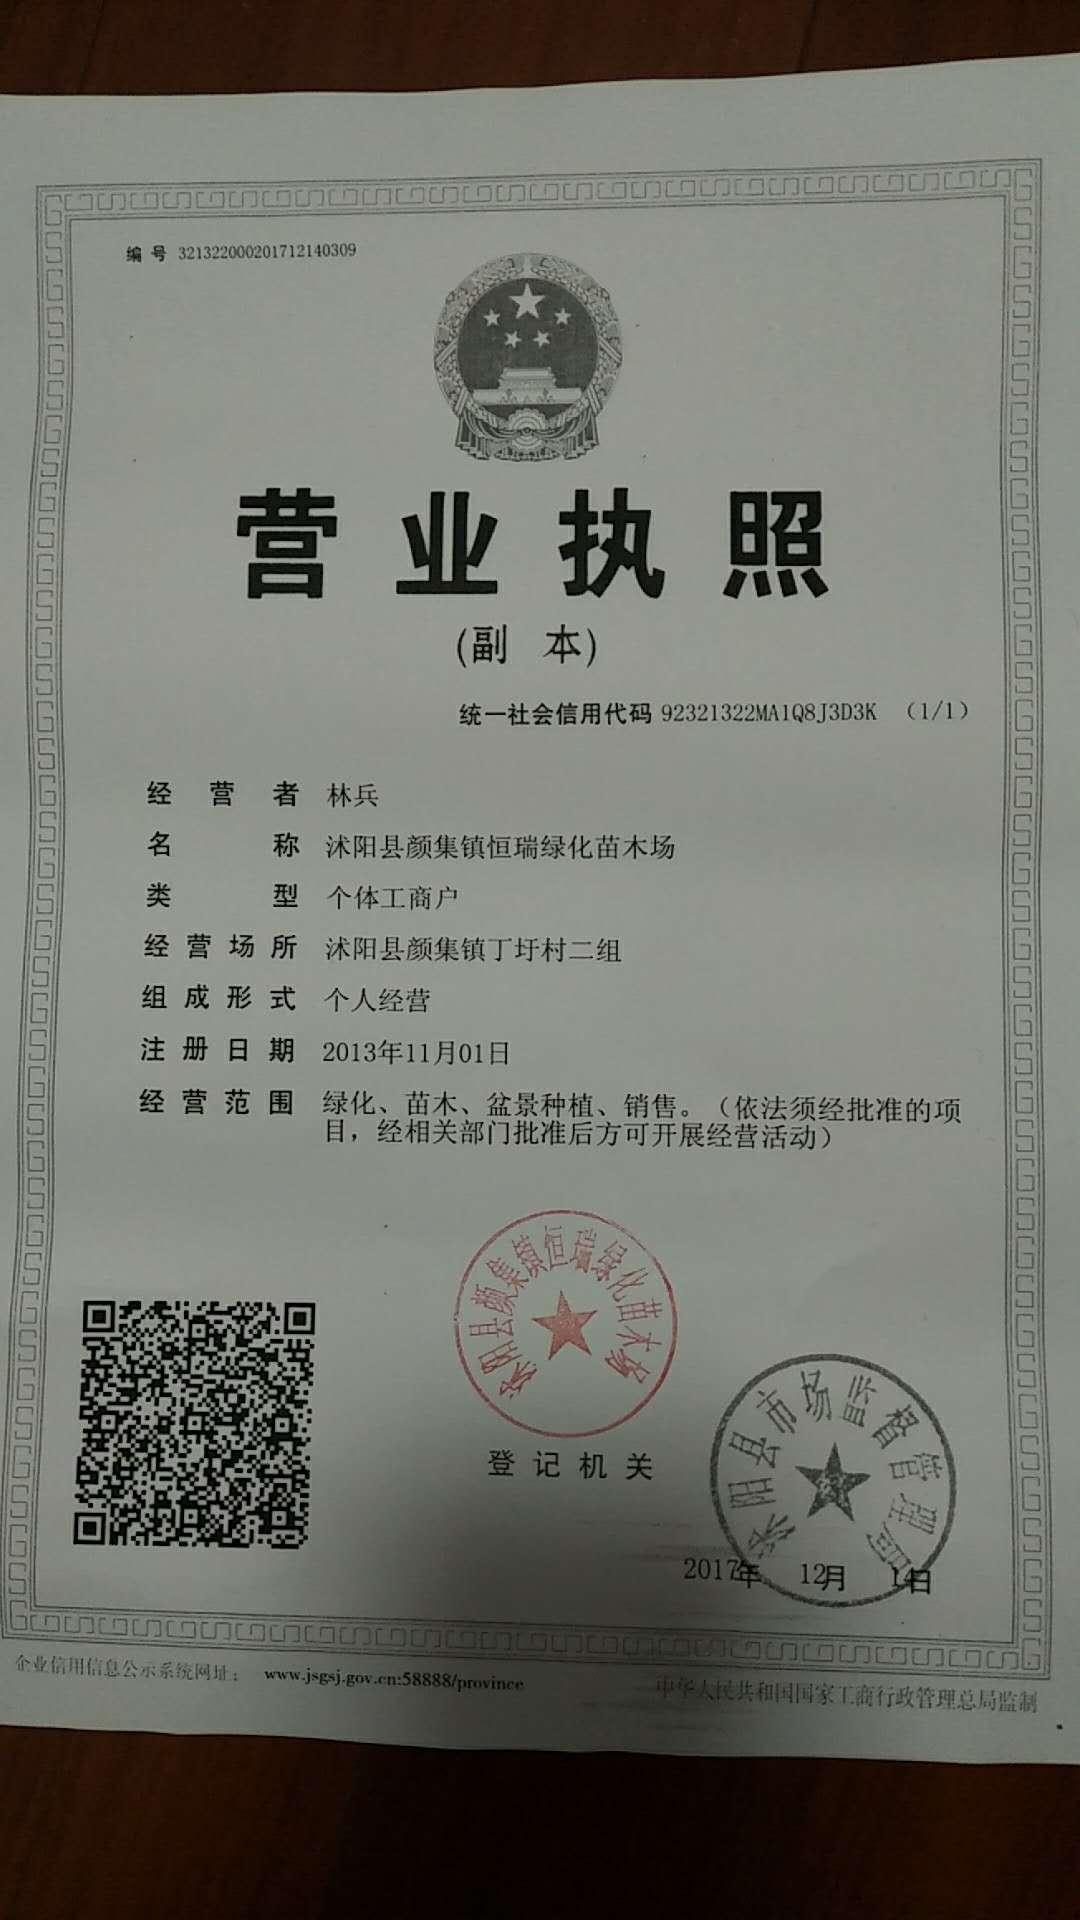 沭阳县颜集镇恒瑞绿化苗木场